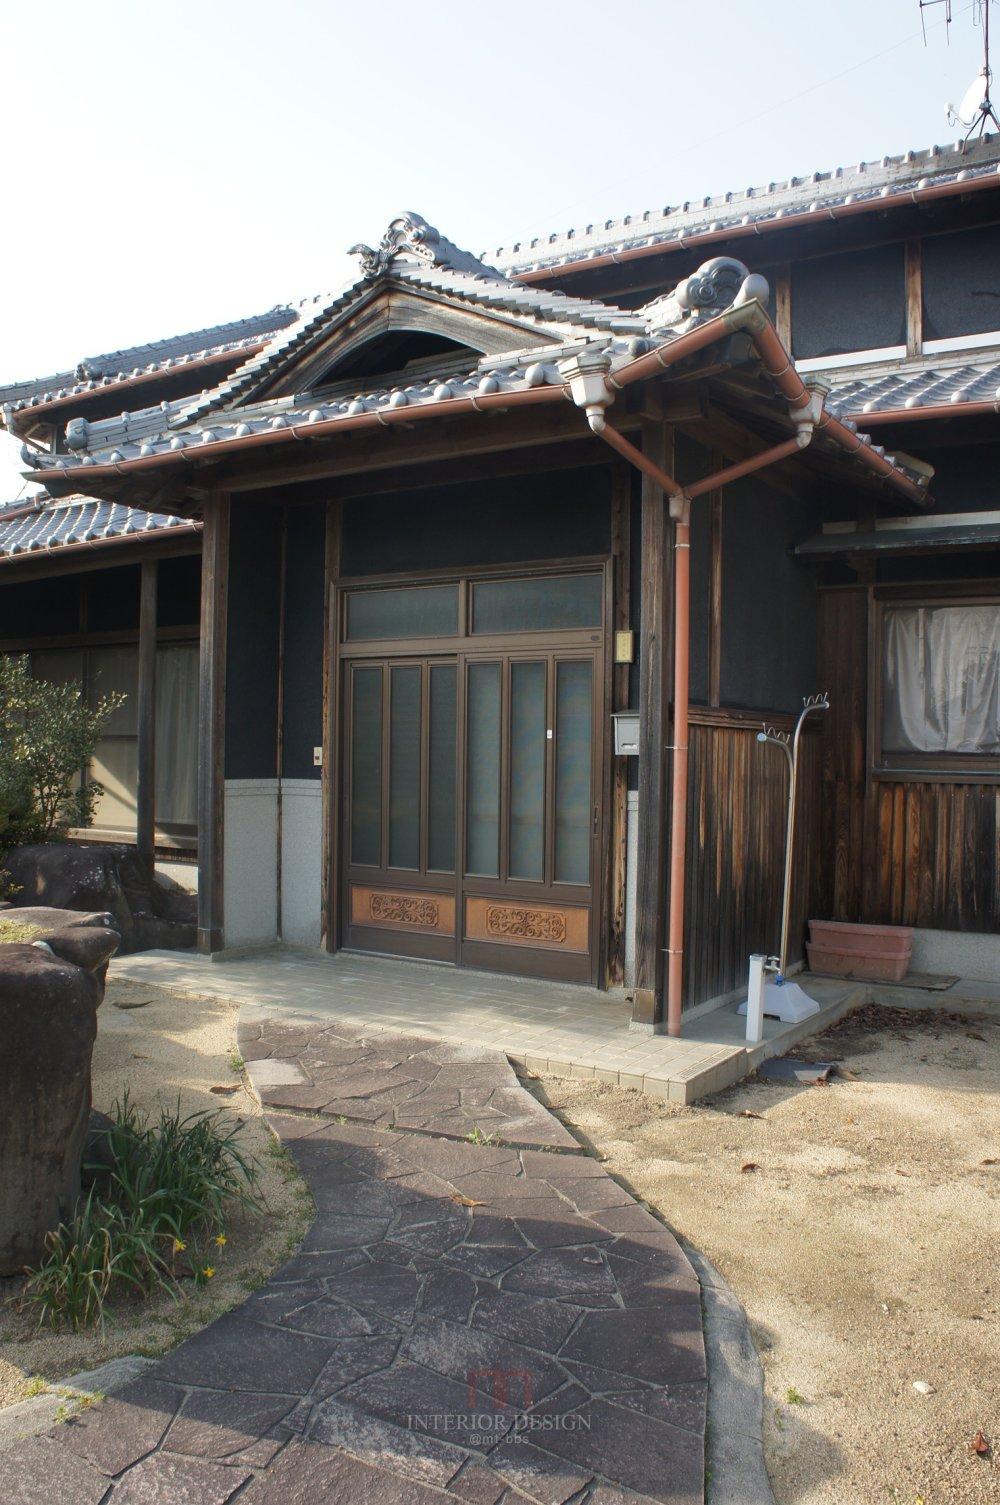 #伙伴一起看日本#  日本设计考察分享(更新美秀美术馆)_DSC05909.JPG